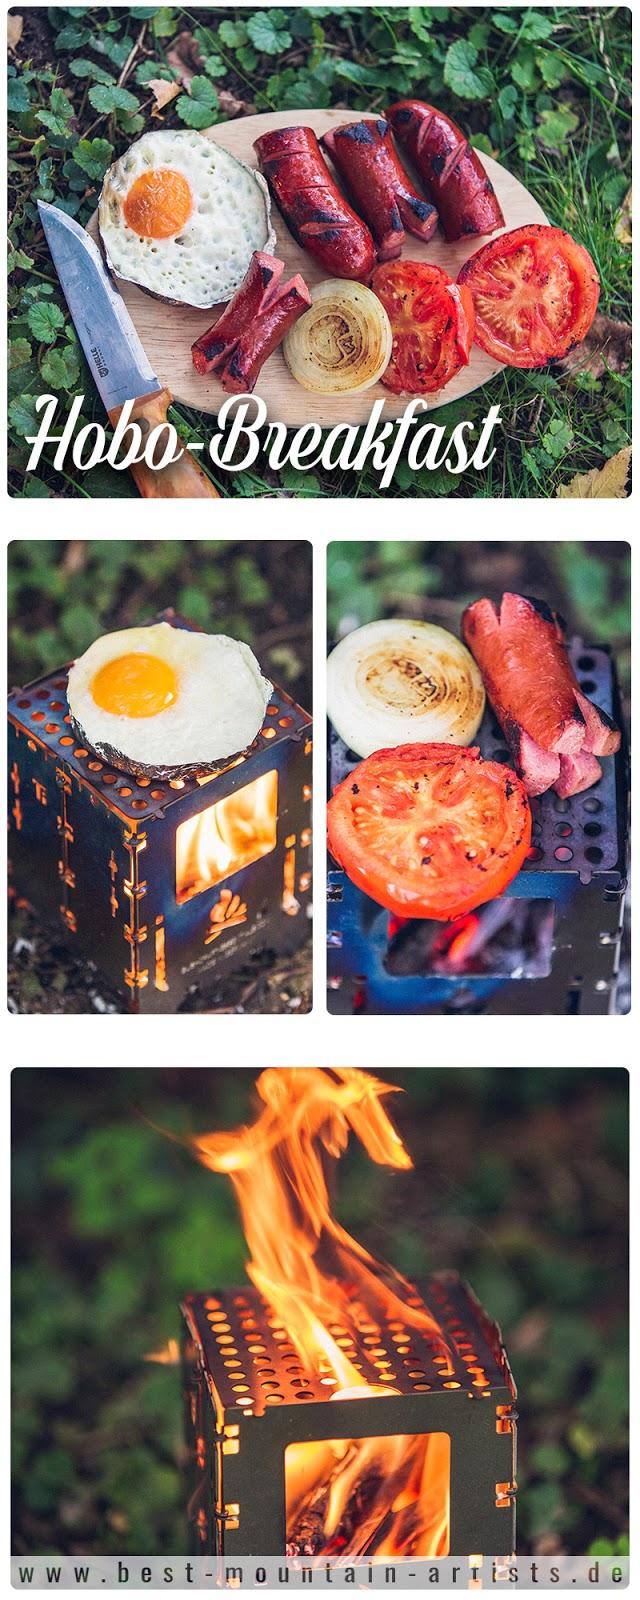 Outdoor Kitchen  Frühstück aus der Bushbox